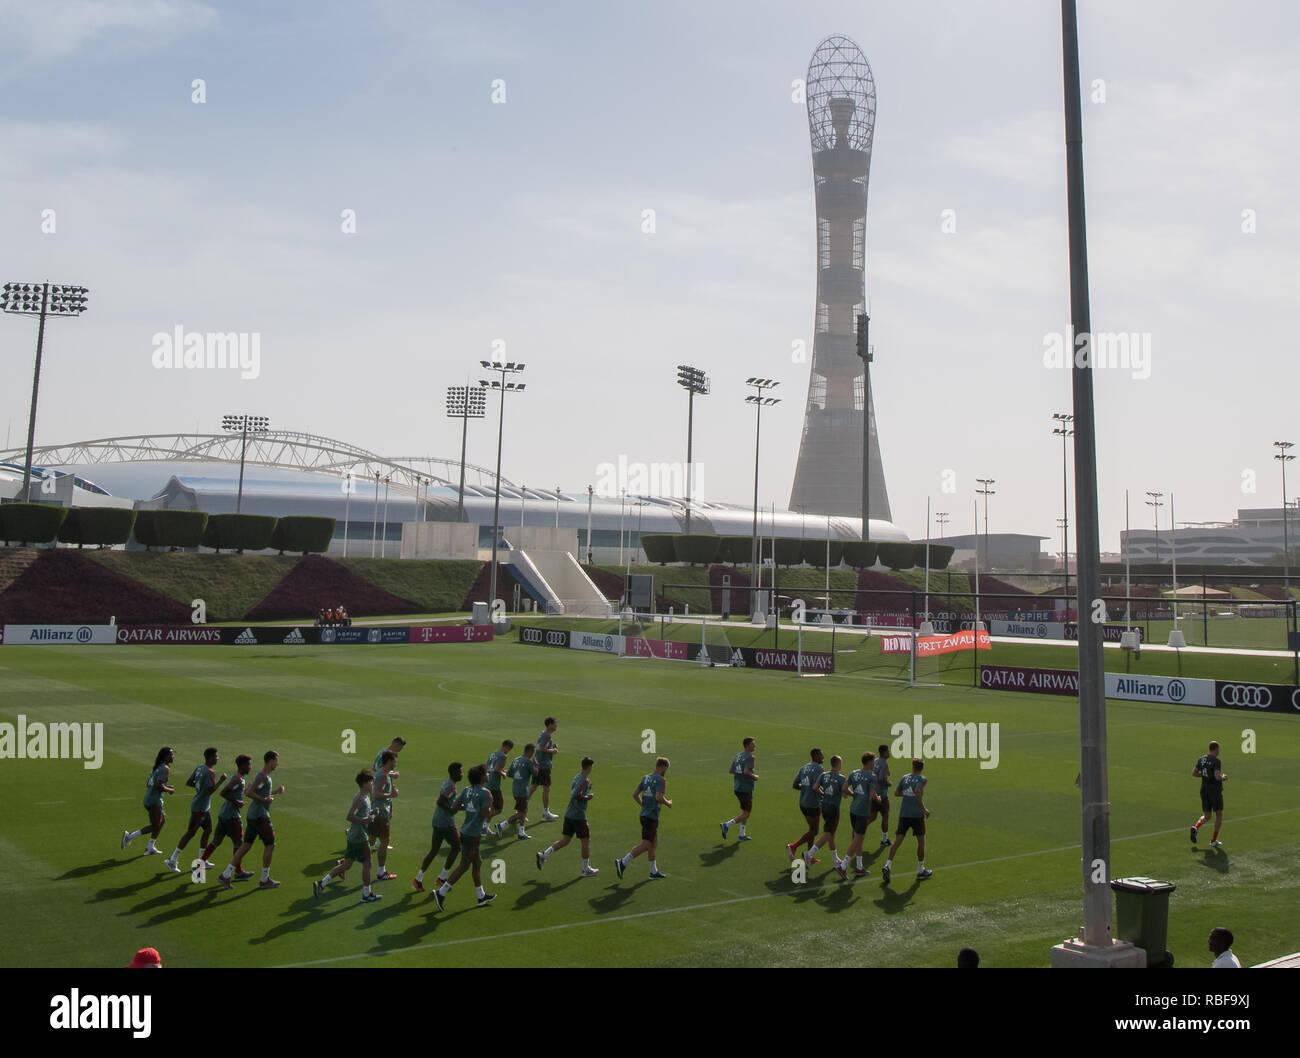 Doha, Qatar  10th Jan, 2019  Soccer: Bundesliga, The players